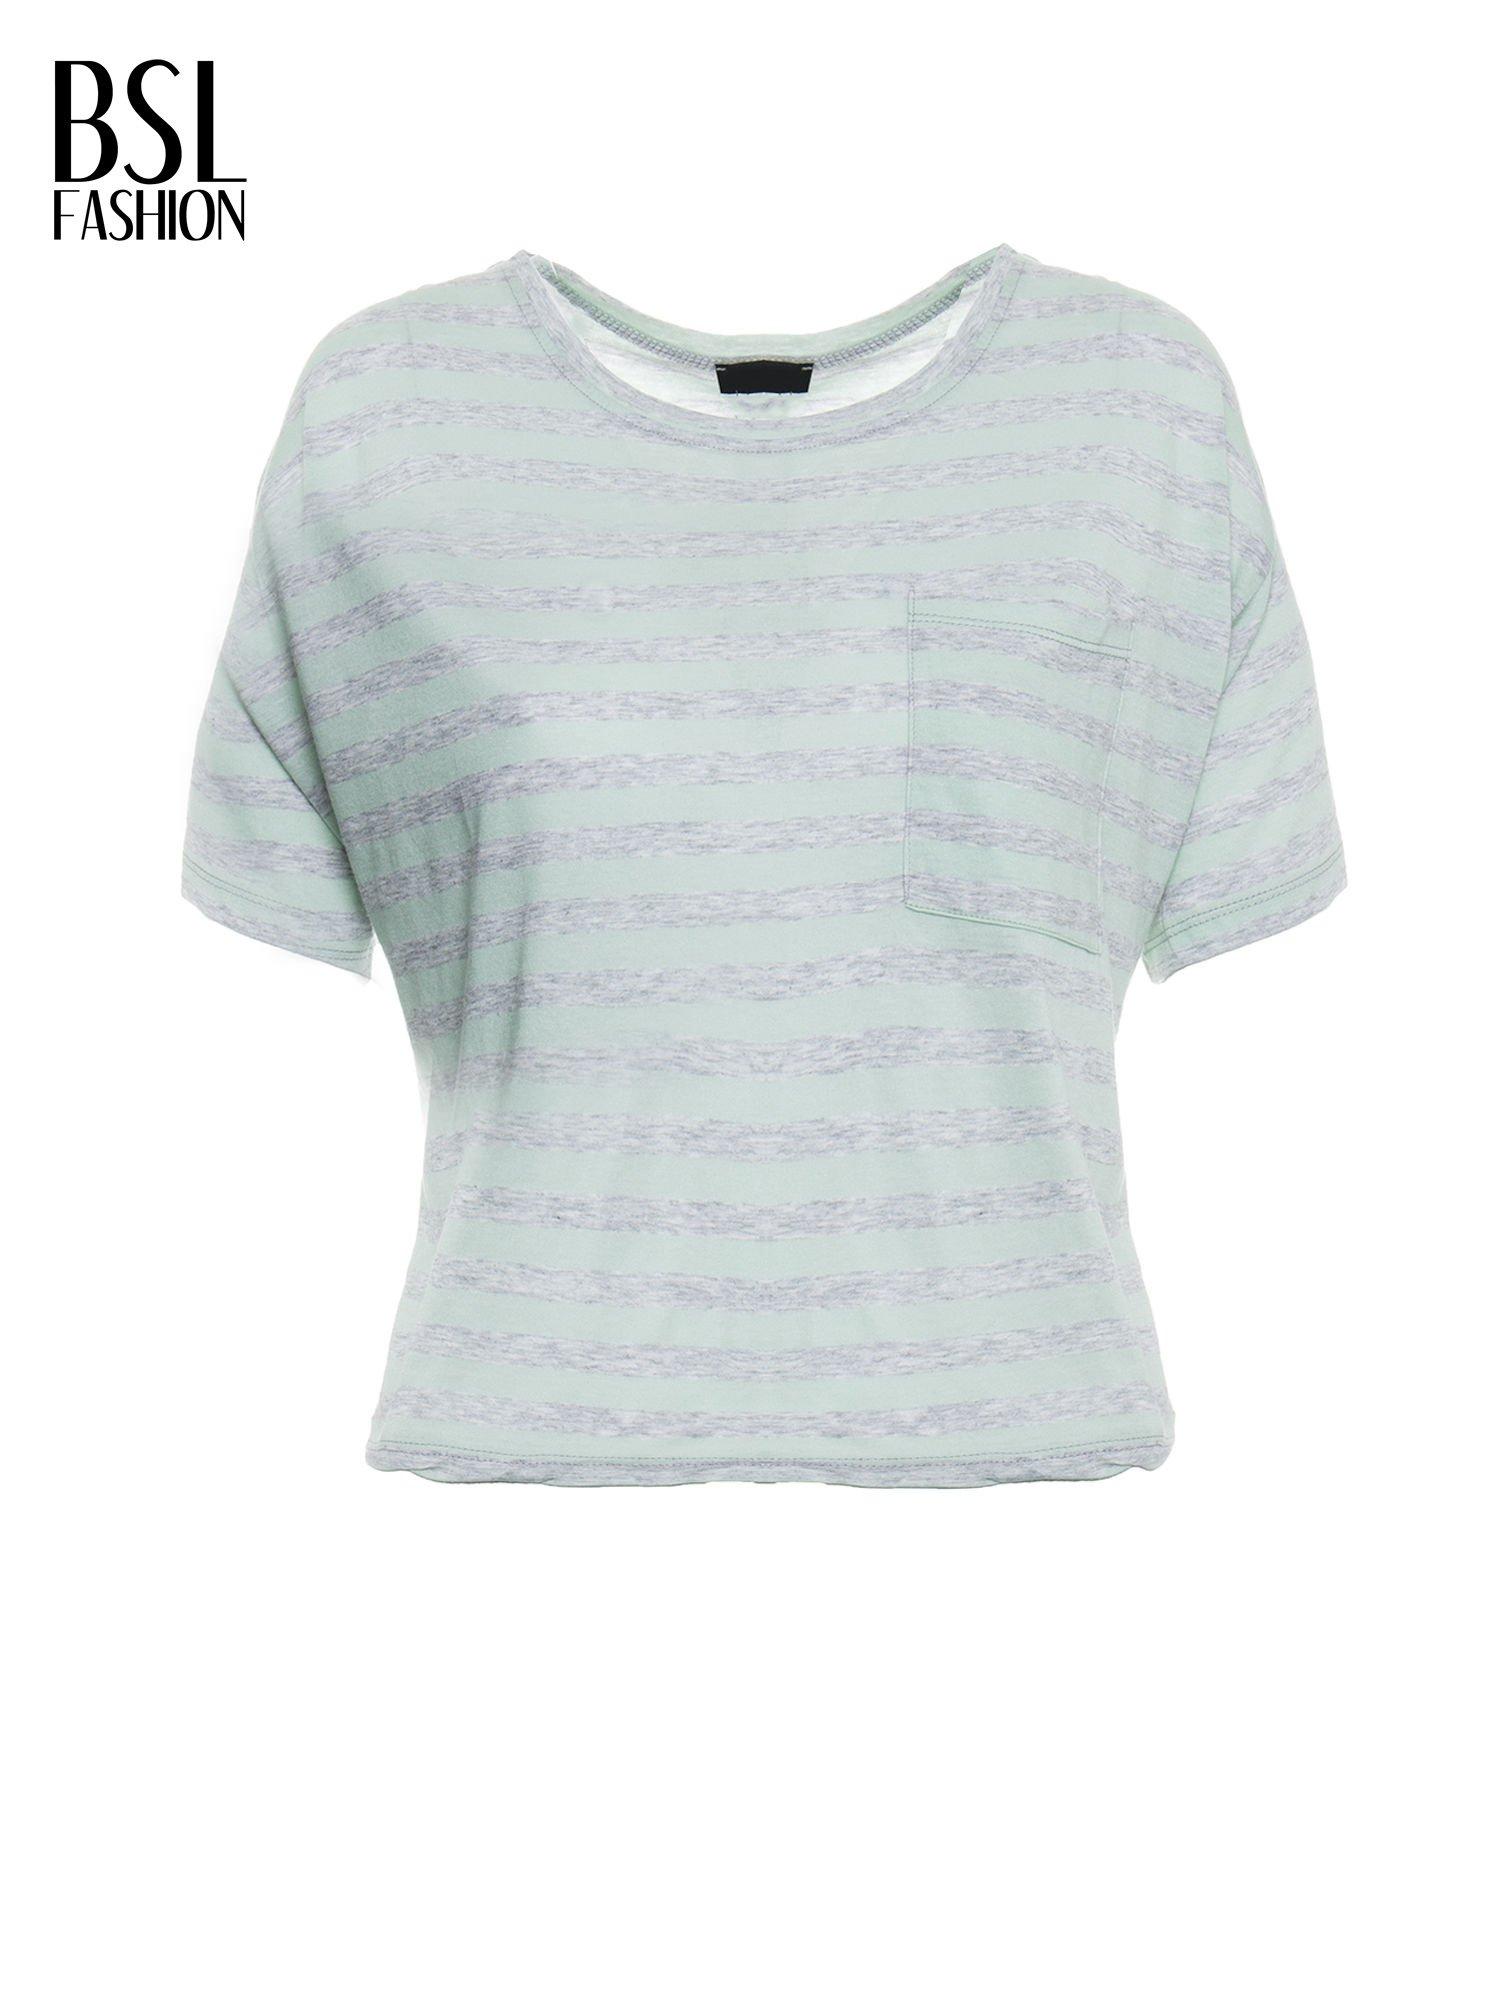 Luźny krótki t-shirt z kieszonką w zielone paski                                  zdj.                                  2